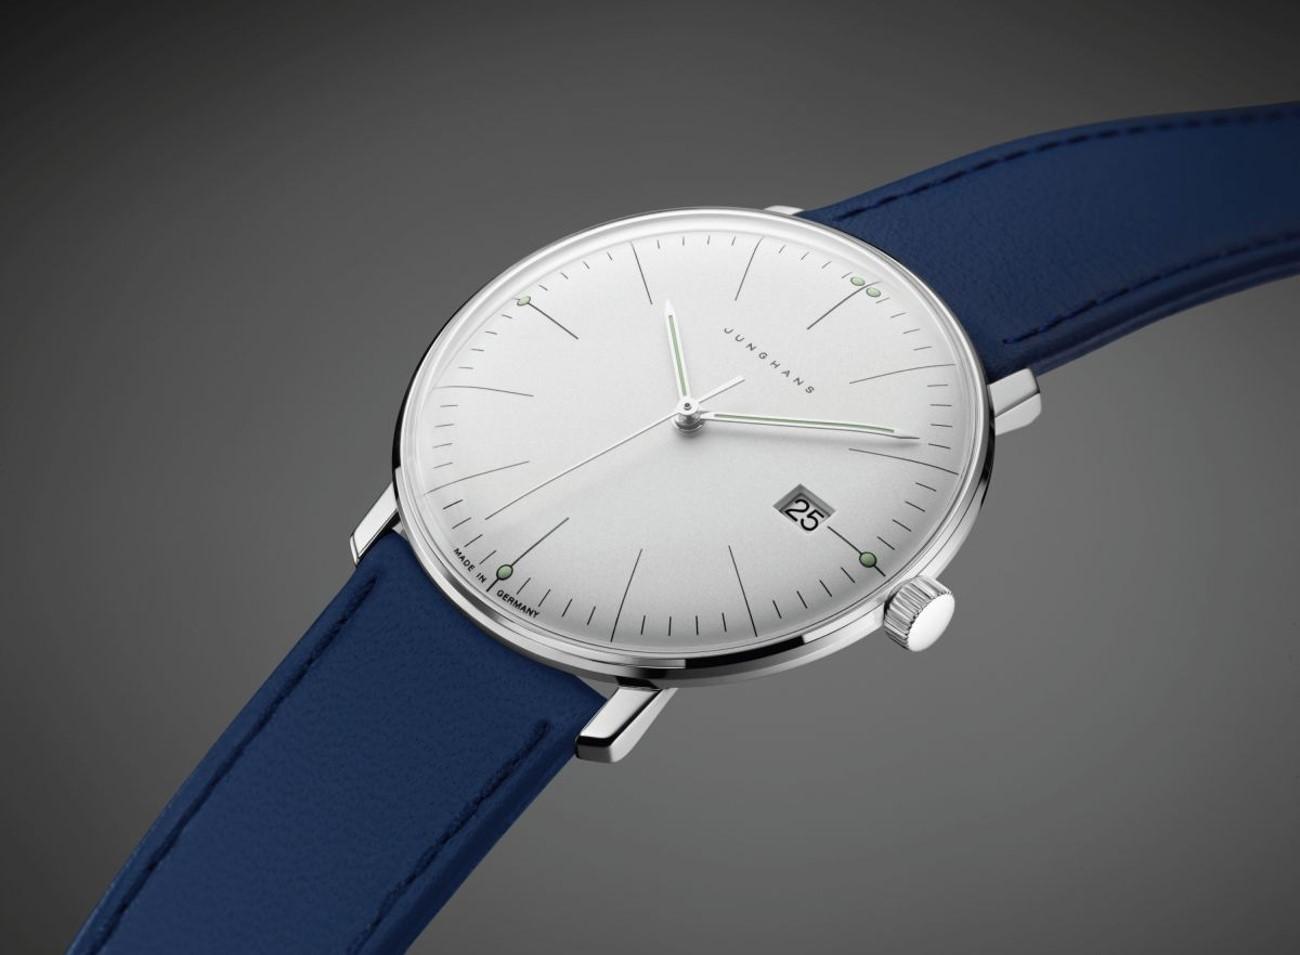 7d0f892e6 Chcete si kúpiť kvalitné hodinky, ktoré vás nezruinujú? Máme pre vás ...